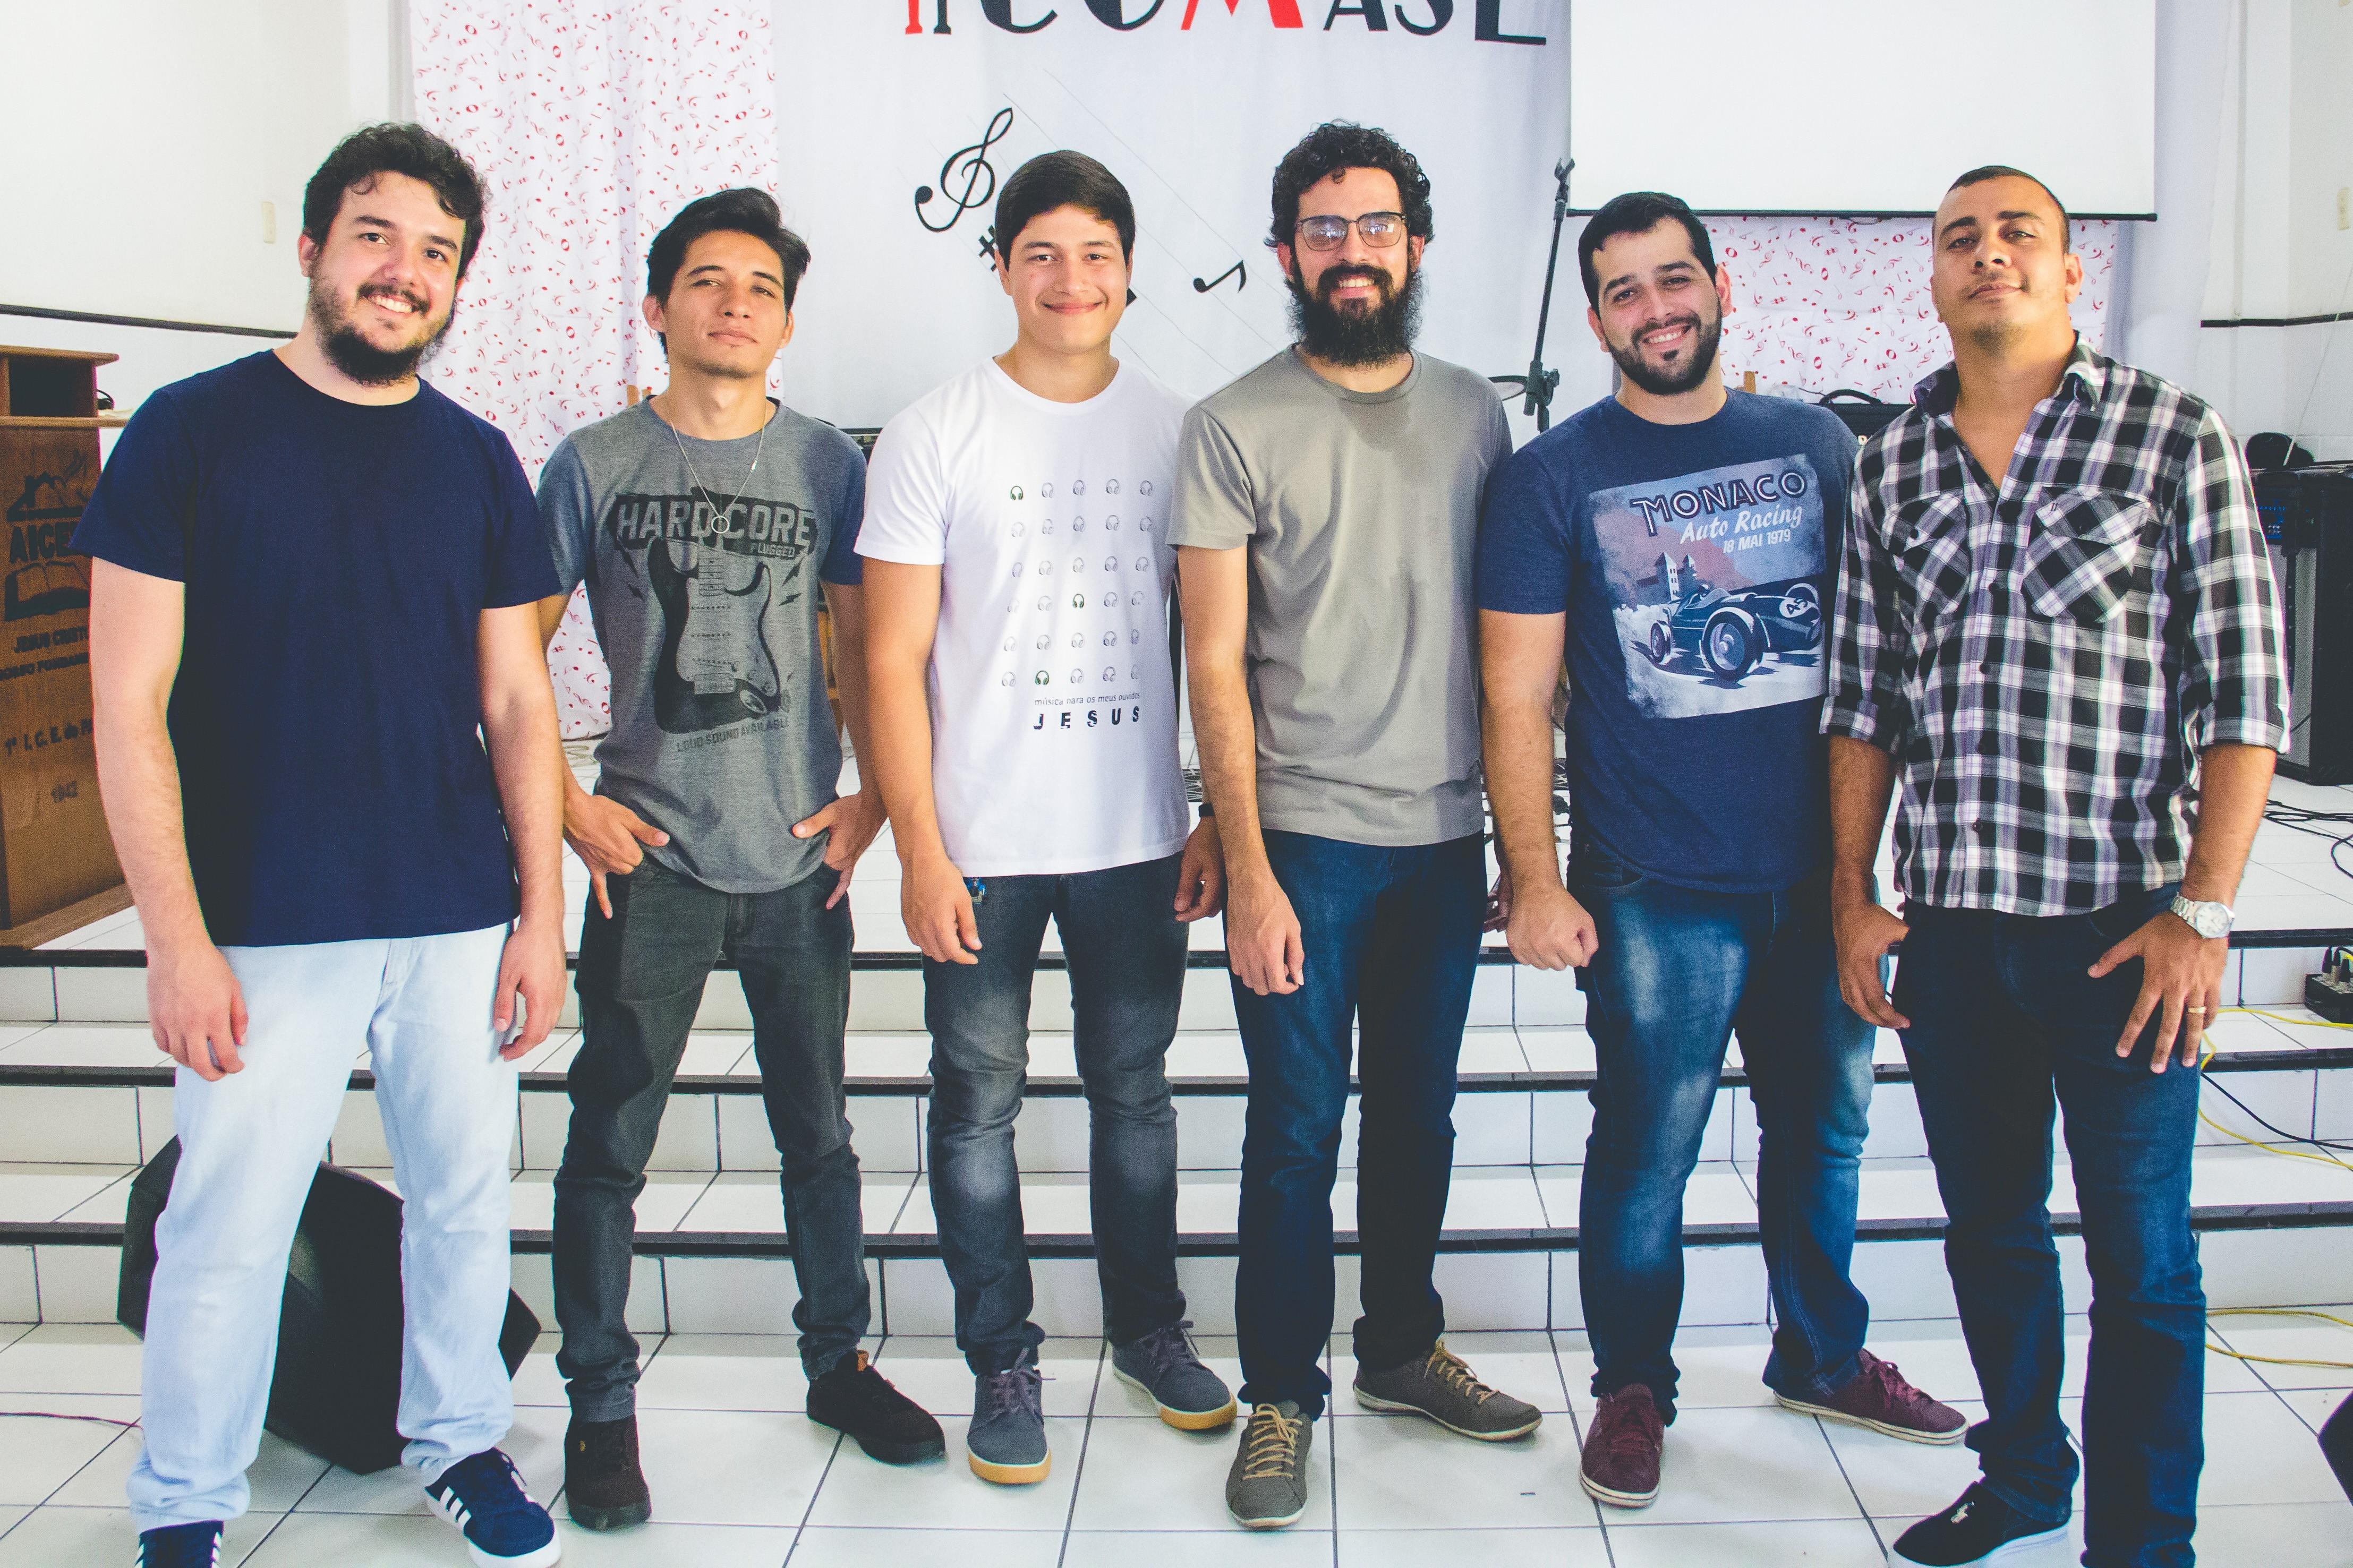 Banda Prostrados lança o primeiro EP em show nesta quarta em Belém - Notícias - Plantão Diário